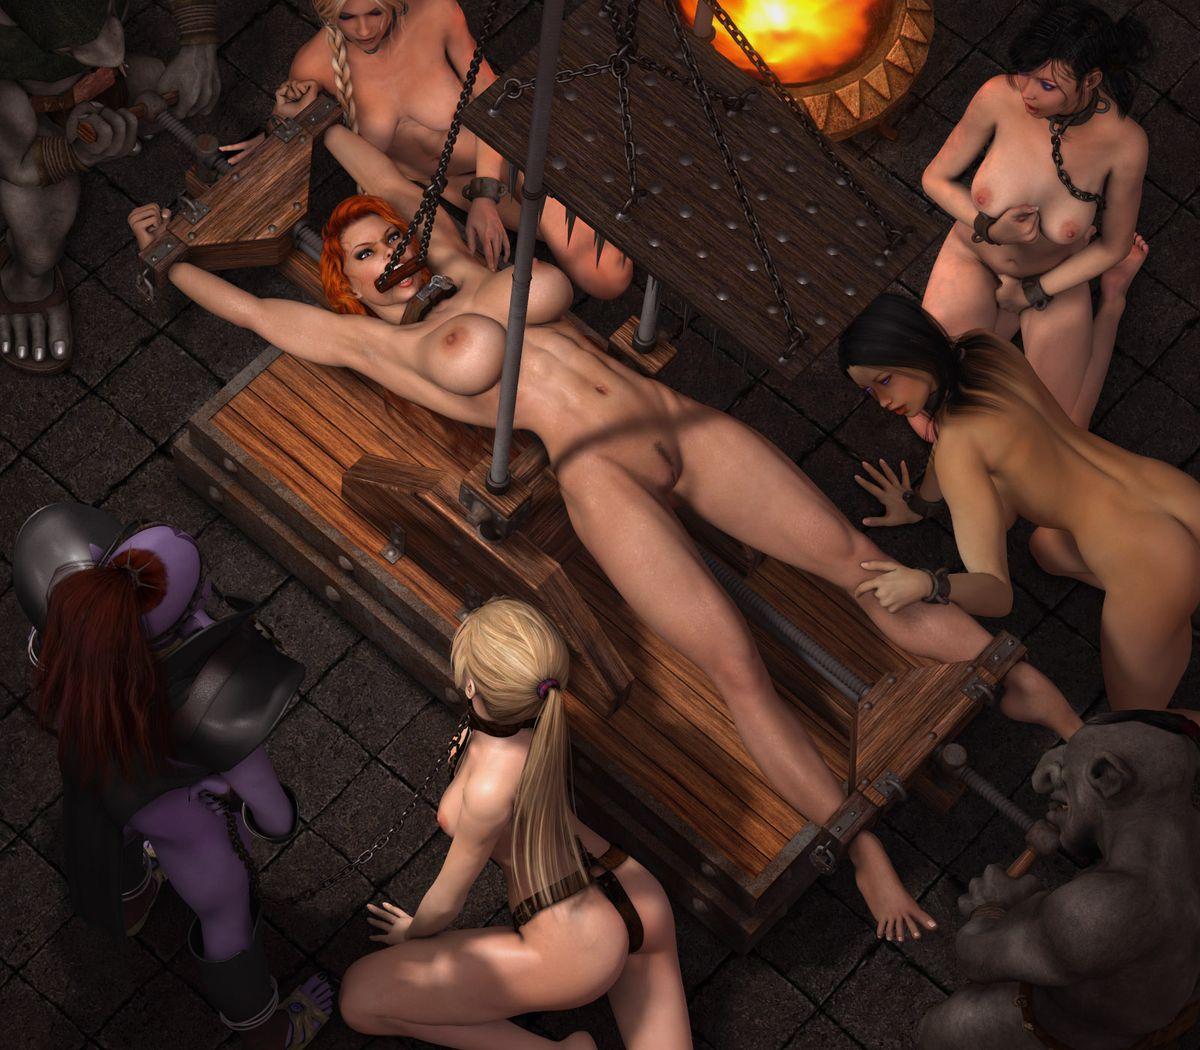 porno erotico amore on line